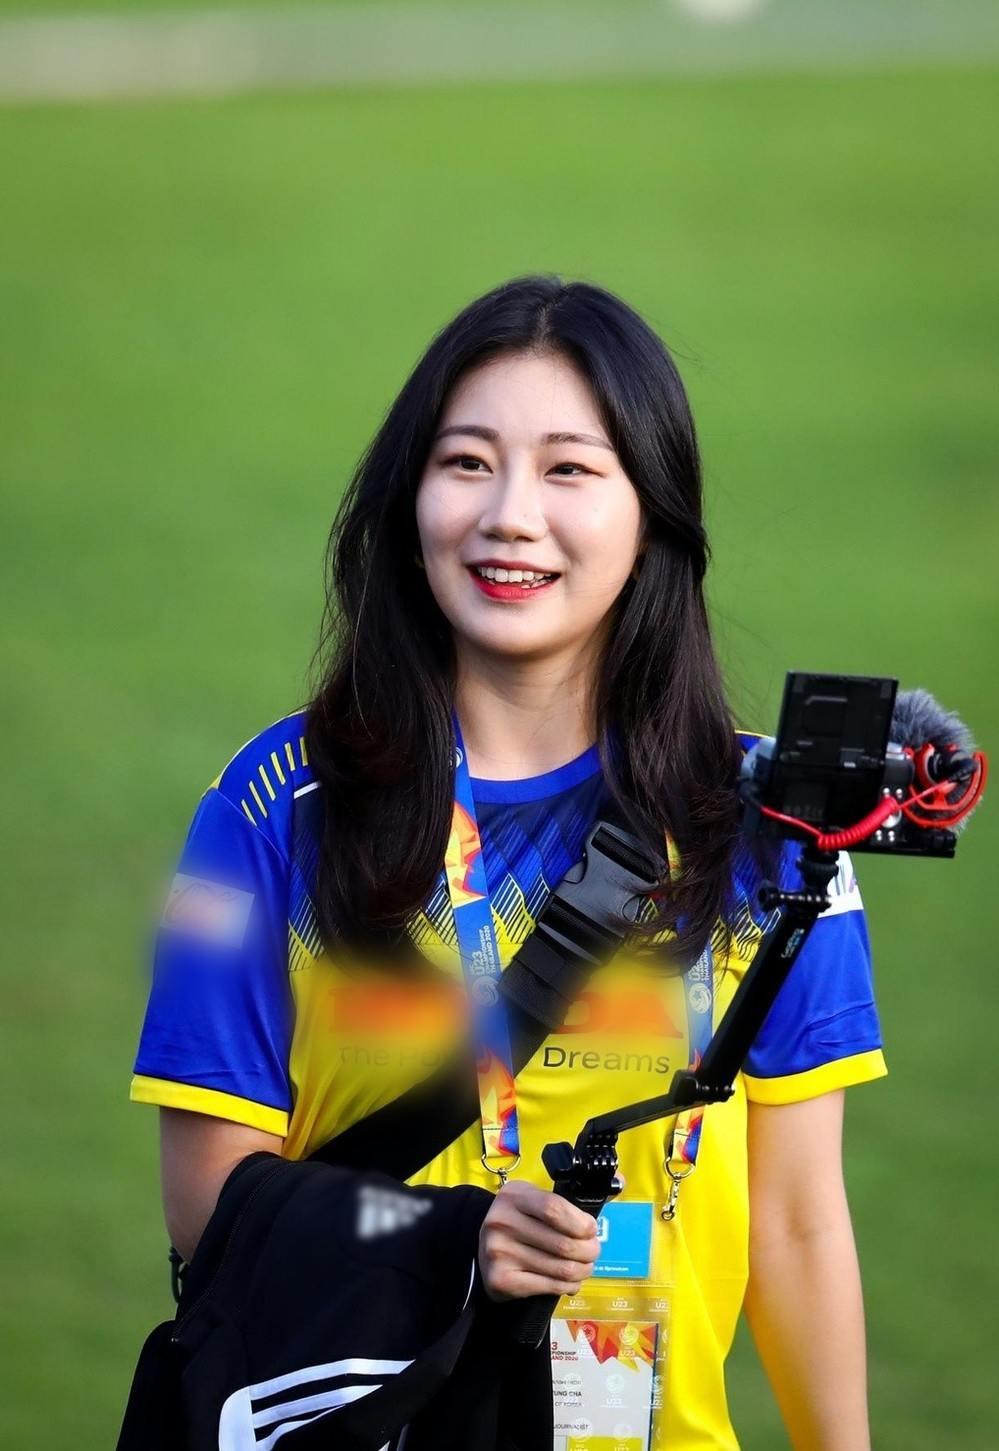 Bóng hồng thần tượng HLV Park Hang-seo chiếm sóng tại VCK U23 châu Á - 1